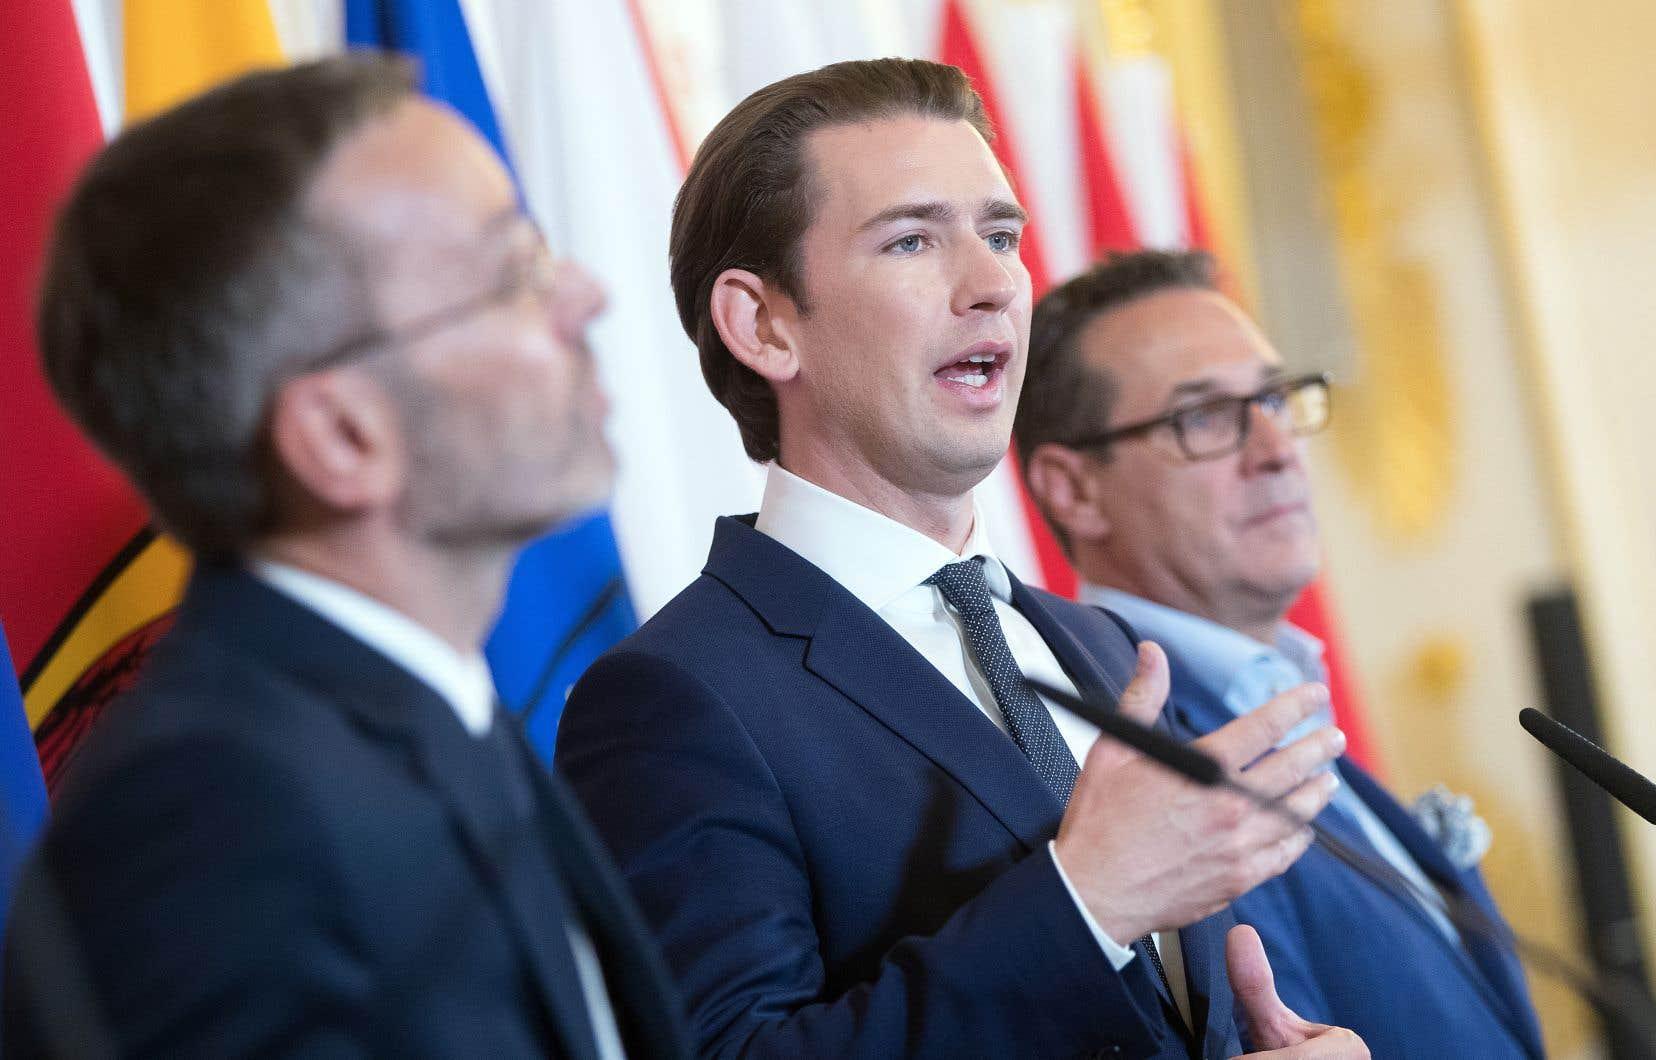 Le ministre de l'Intérieur de l'Autriche, Herbert Kickl (à gauche), le chancelier, Sebastian Kurz (à l'avant-plan), et le vice-chancelier, Heinz-Christian Strache, à Vienne mardi